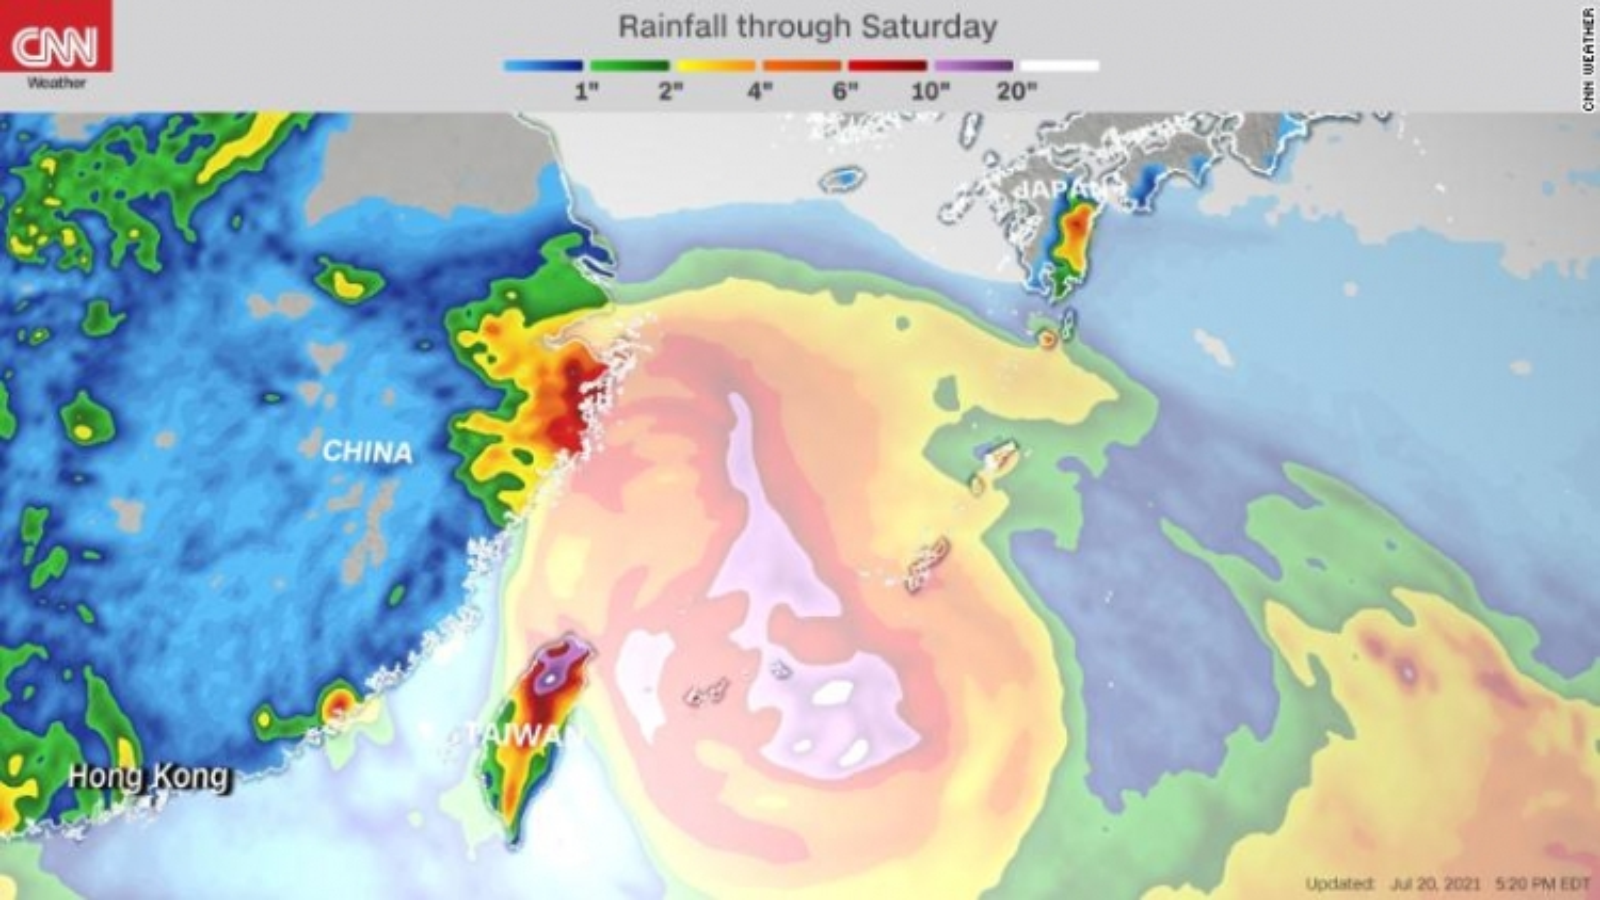 Trung Quốc nâng mức phản ứng khẩn cấp khi bão In-Fa đang tiến gần